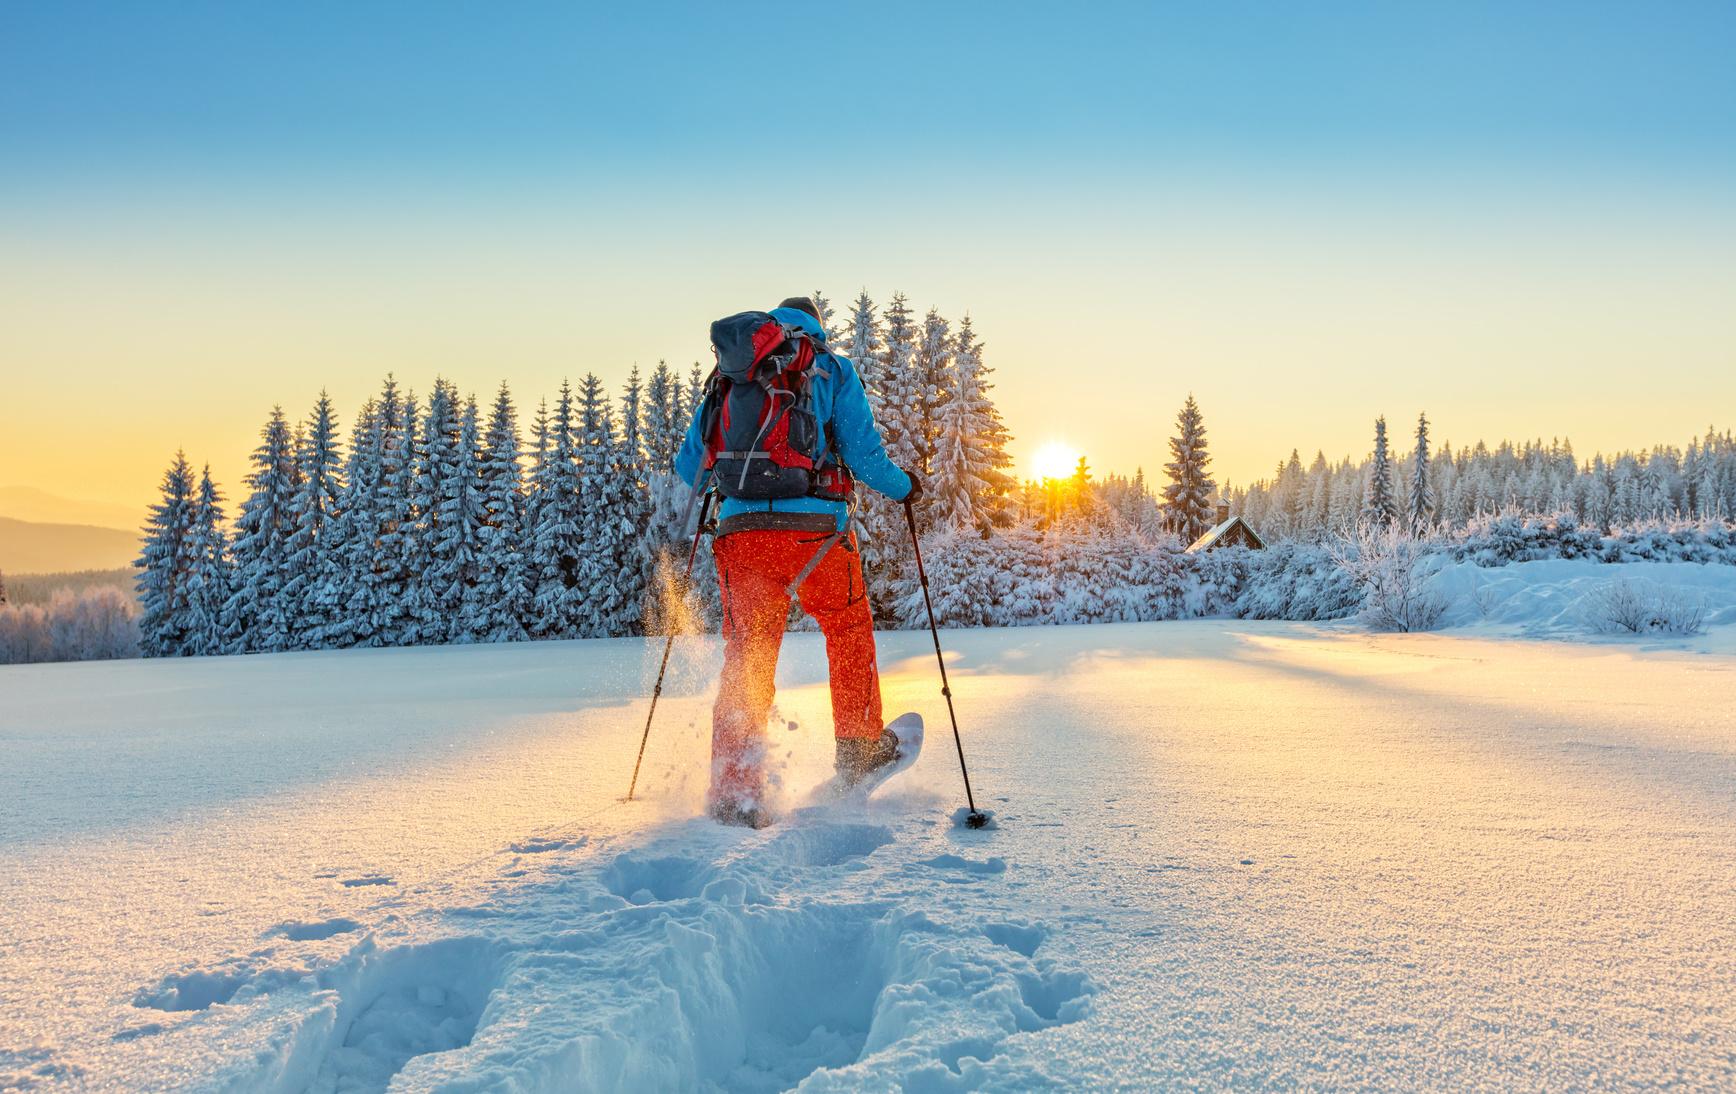 Skiurlaub 2019 Weihnachten.So Wird Ihr Winterurlaub 2019 Unvergesslich Accorhotels Magazin